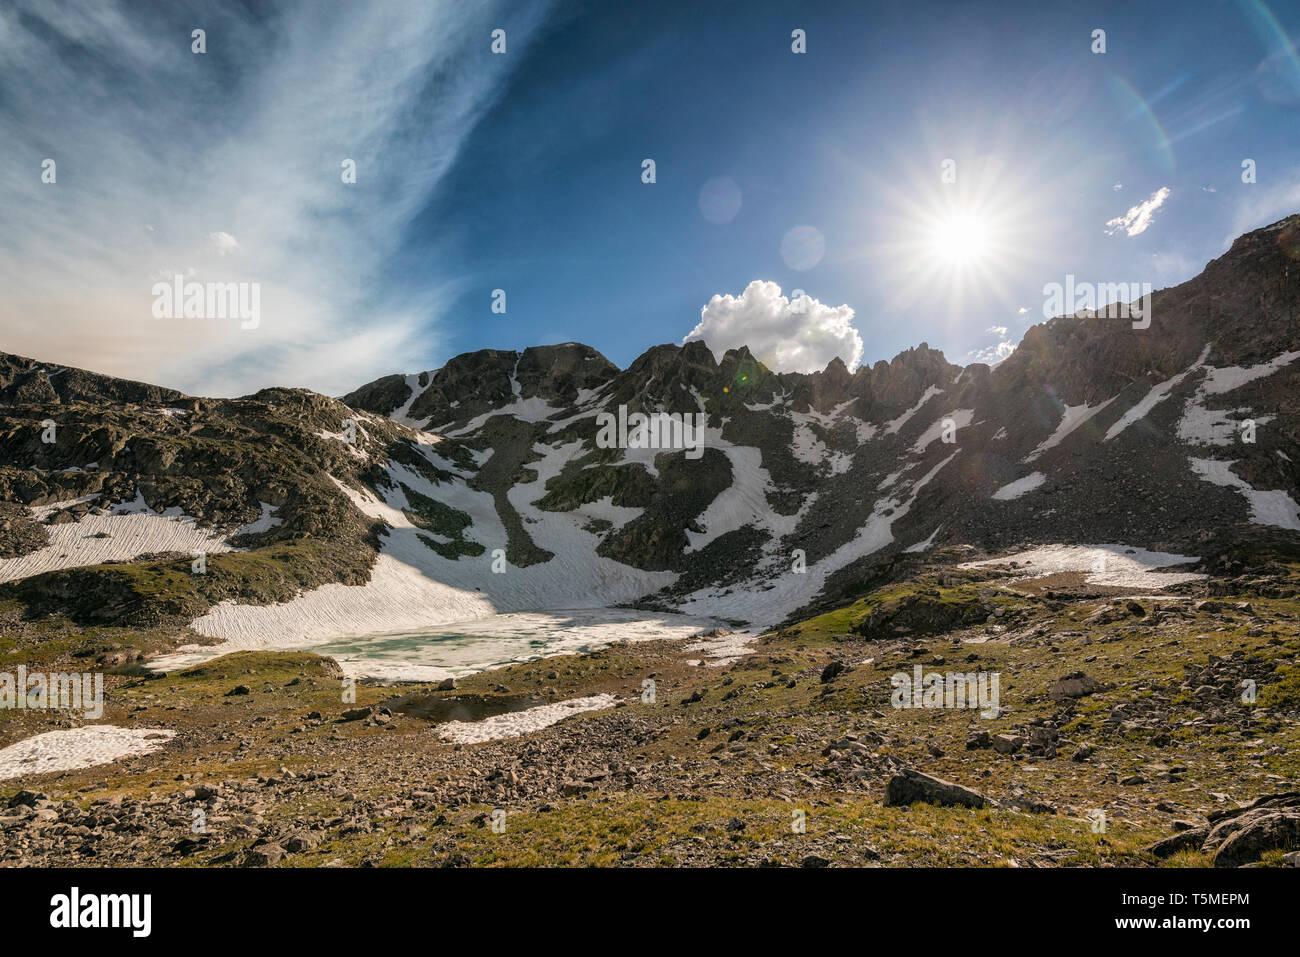 Tundra landscape in Colorado - Stock Image